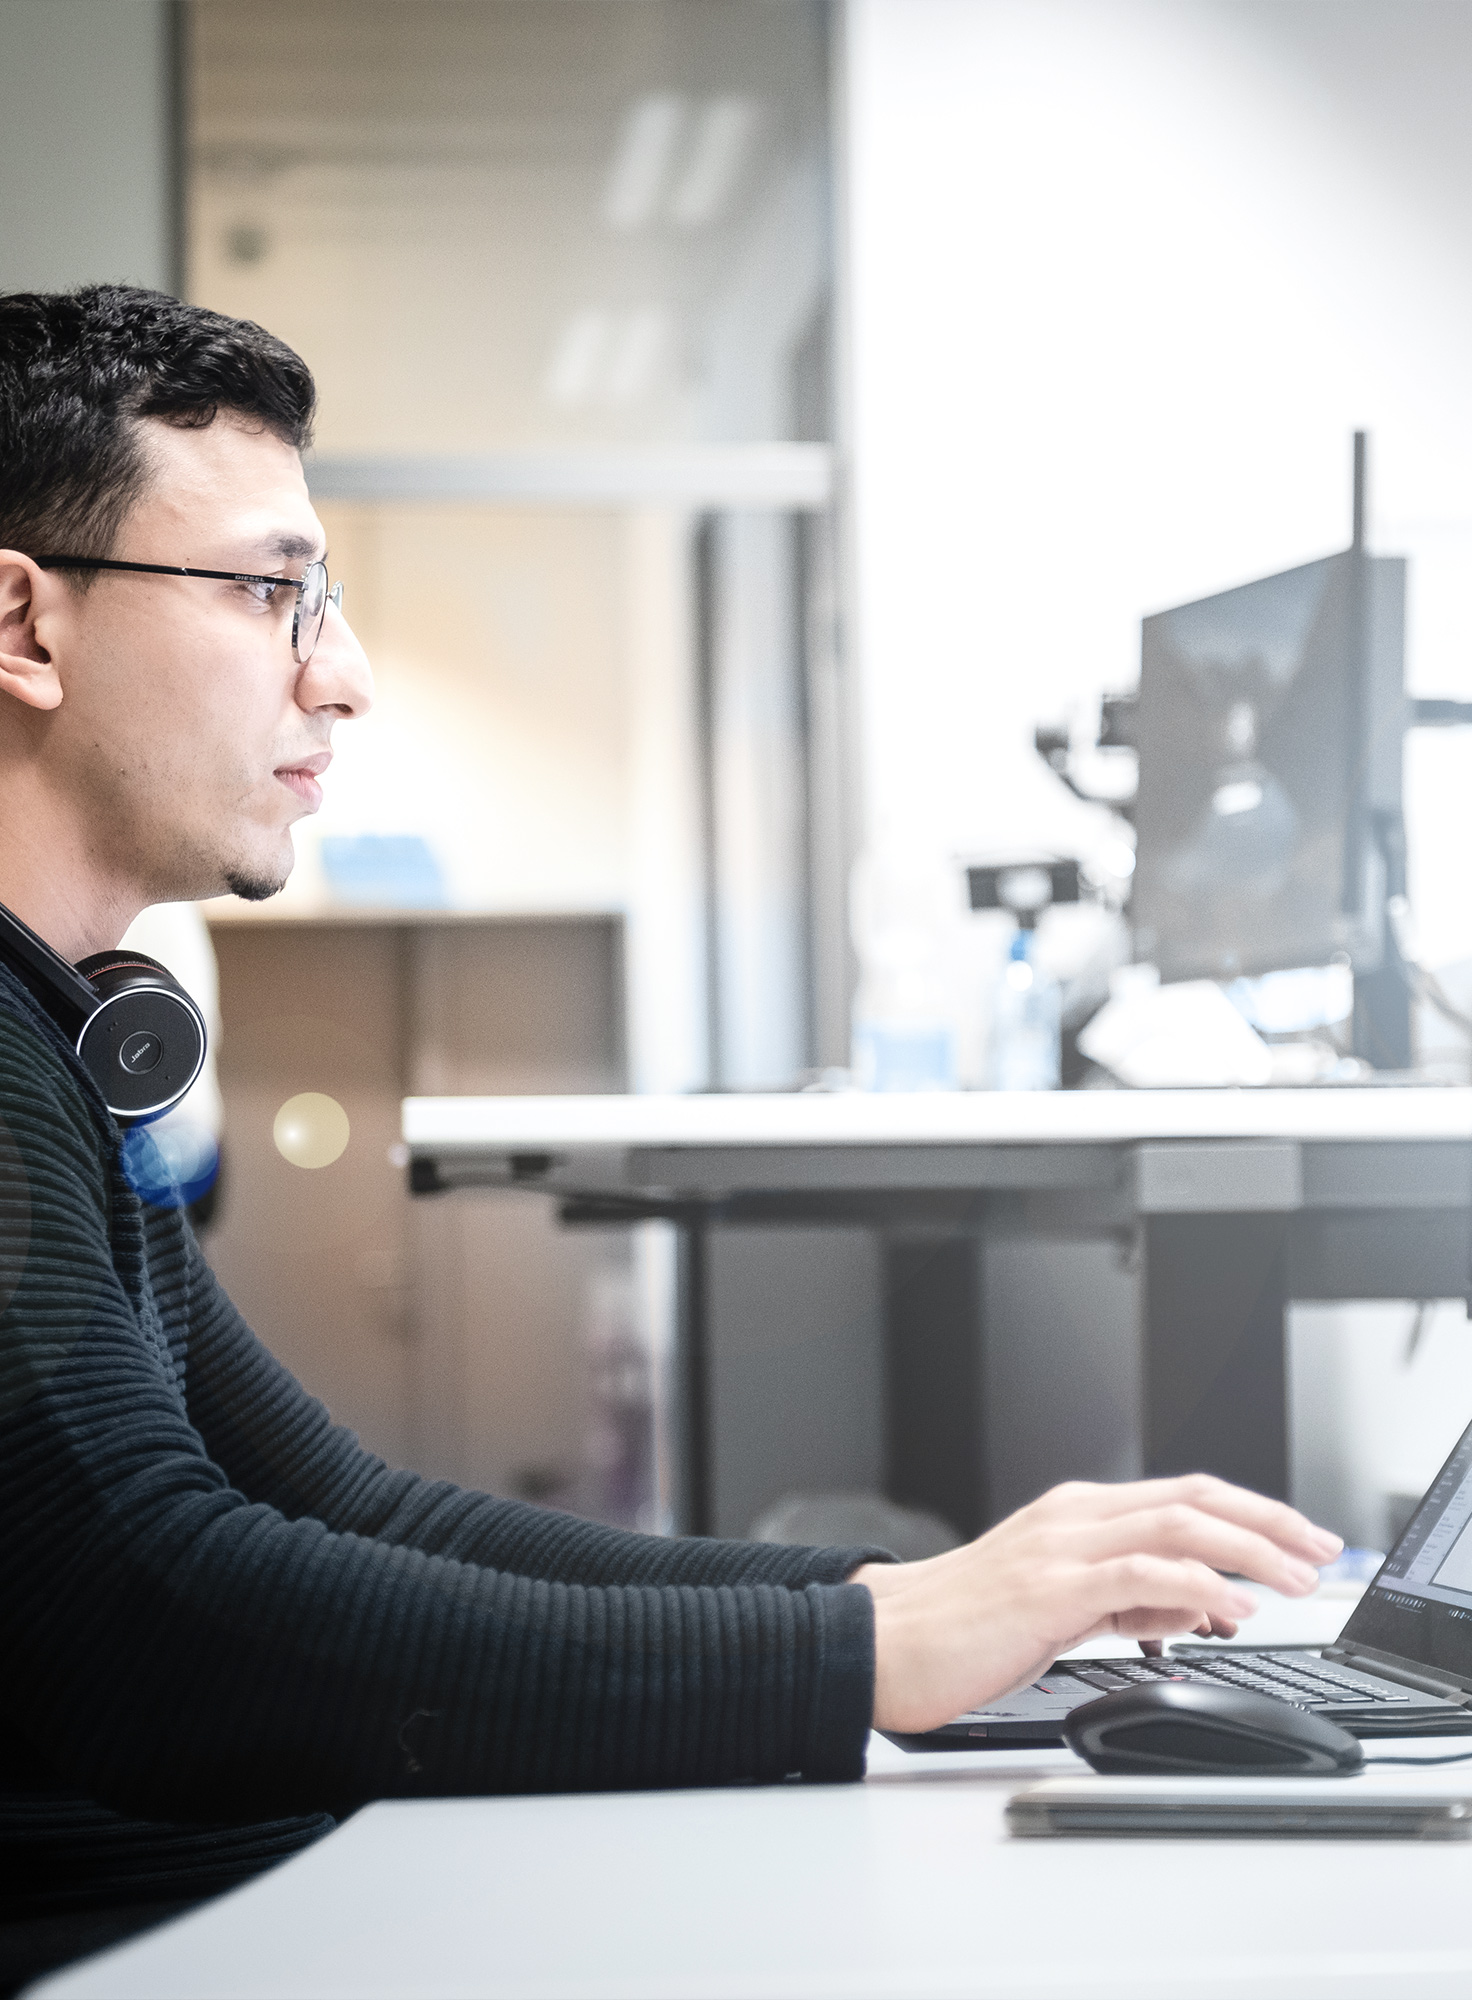 Mitarbeiter aus der IT arbeitet am Rechner